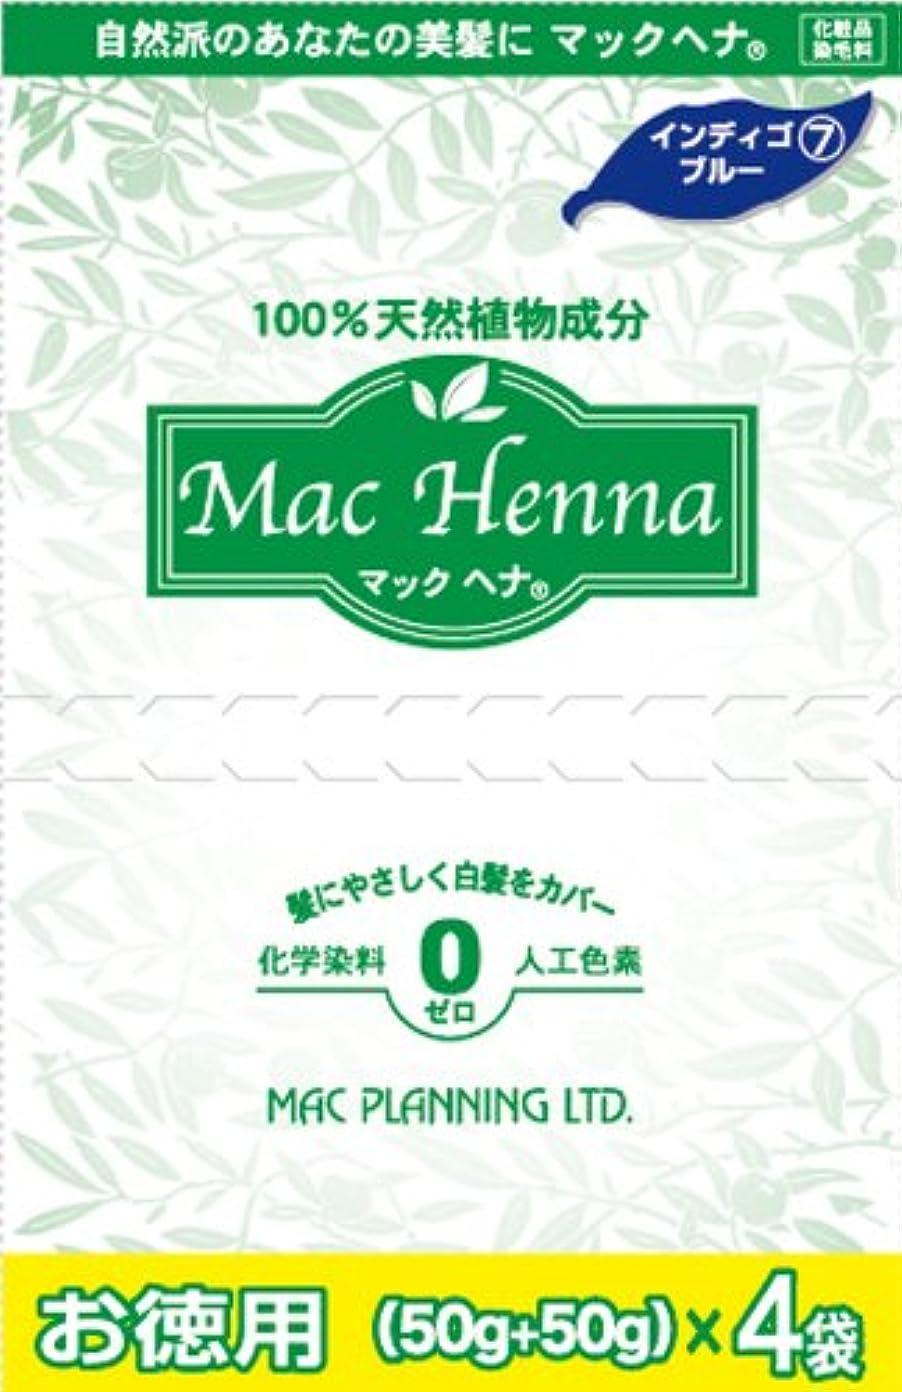 不格好家具間接的天然植物原料100% 無添加 マックヘナ お徳用(インディゴブルー)-7 400g(50g+50g)×4袋  2箱セット